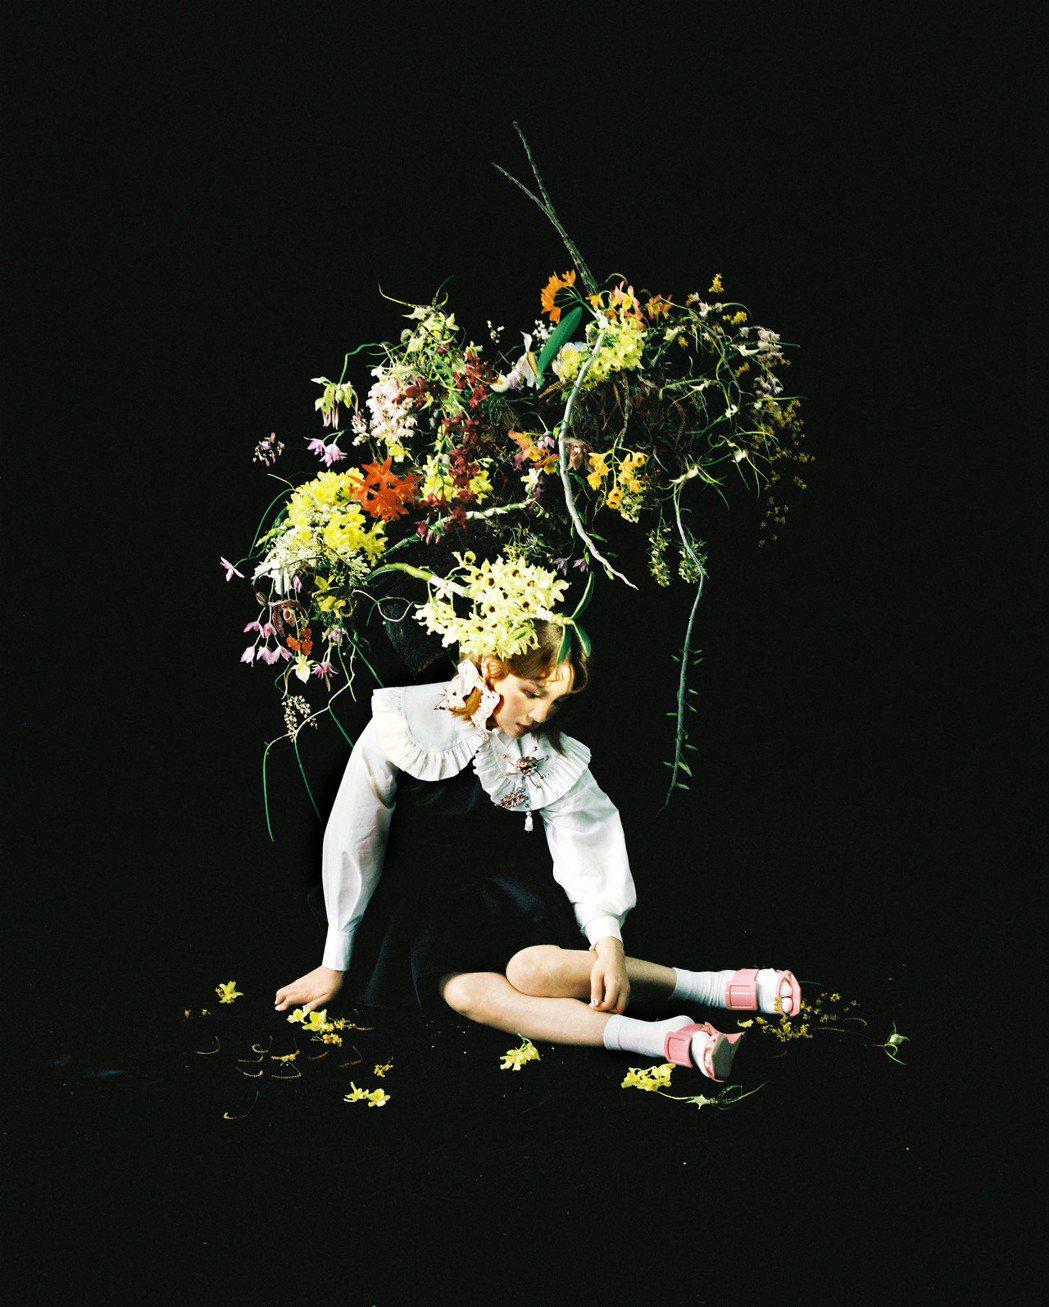 魏如萱專輯封面戴上一頂巨大花藝帽子,象徵美好的事物也同時乘載著重量。圖/好多音樂...